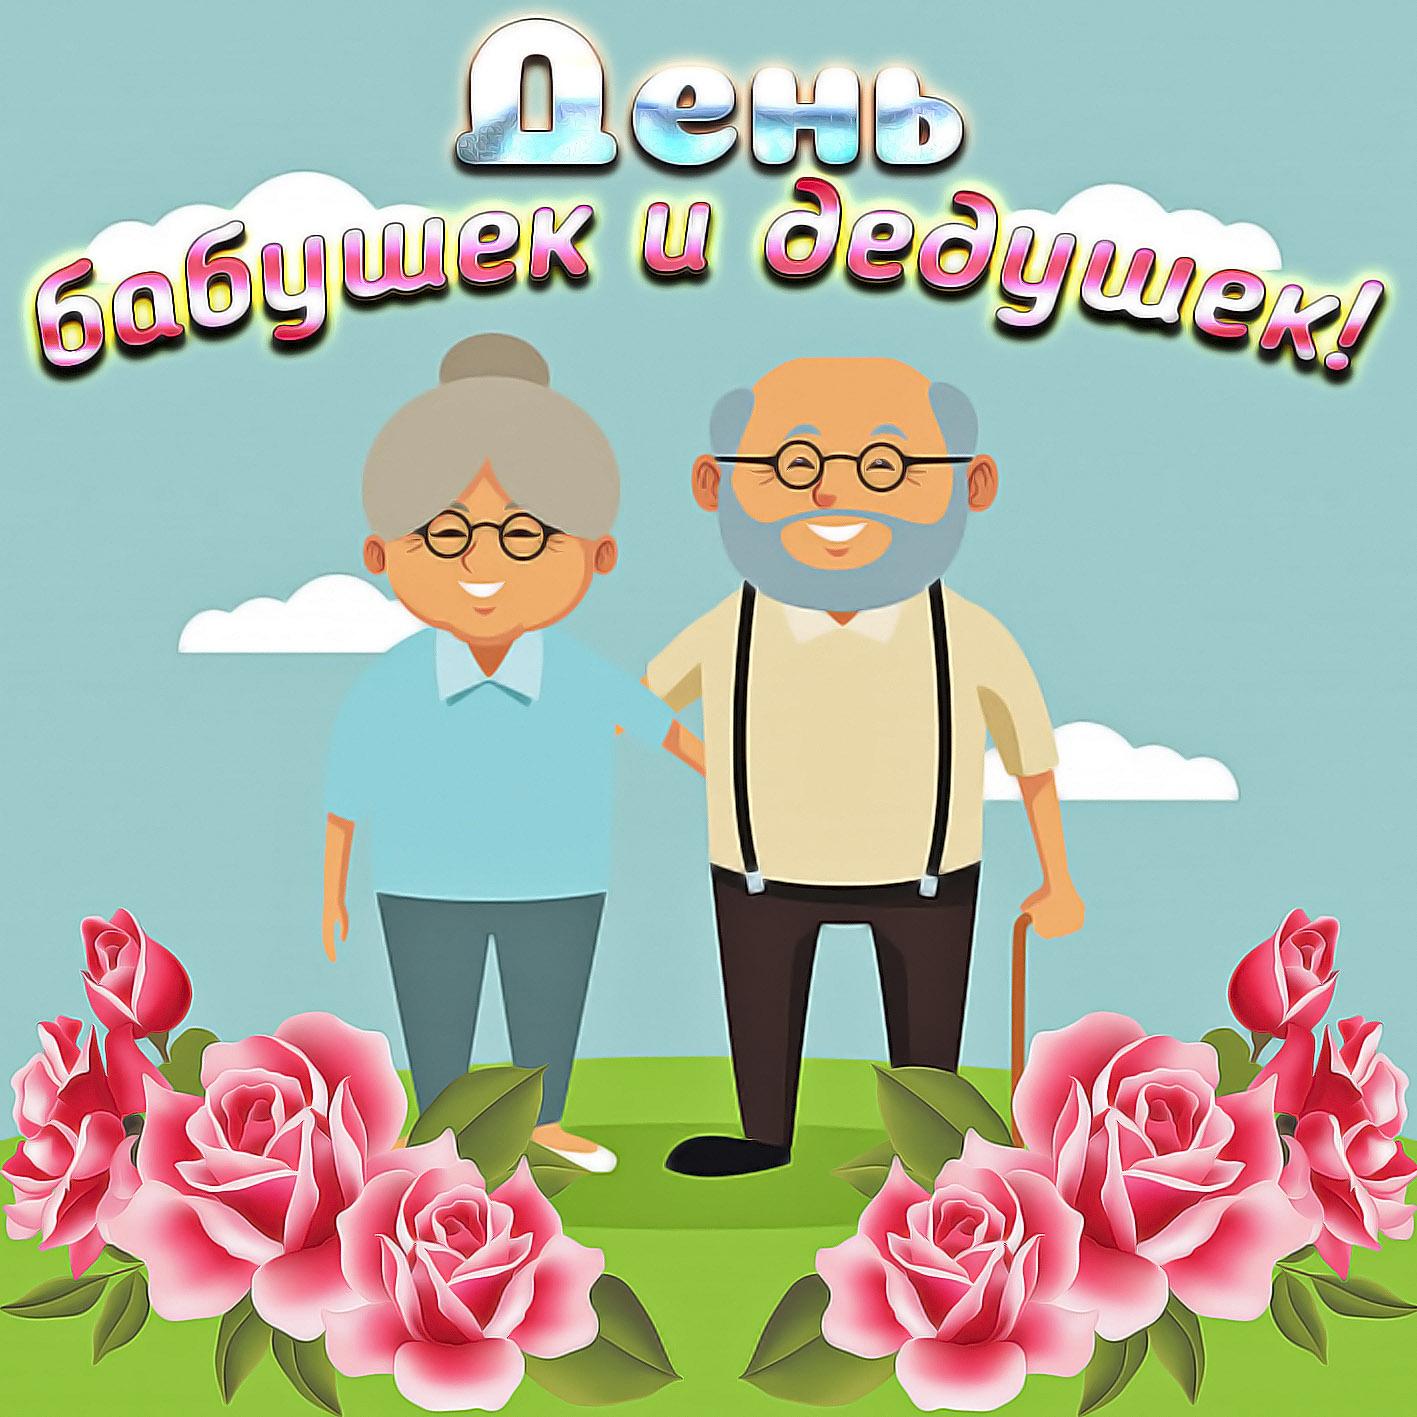 Открытка дедушке или бабушке, лет совместной